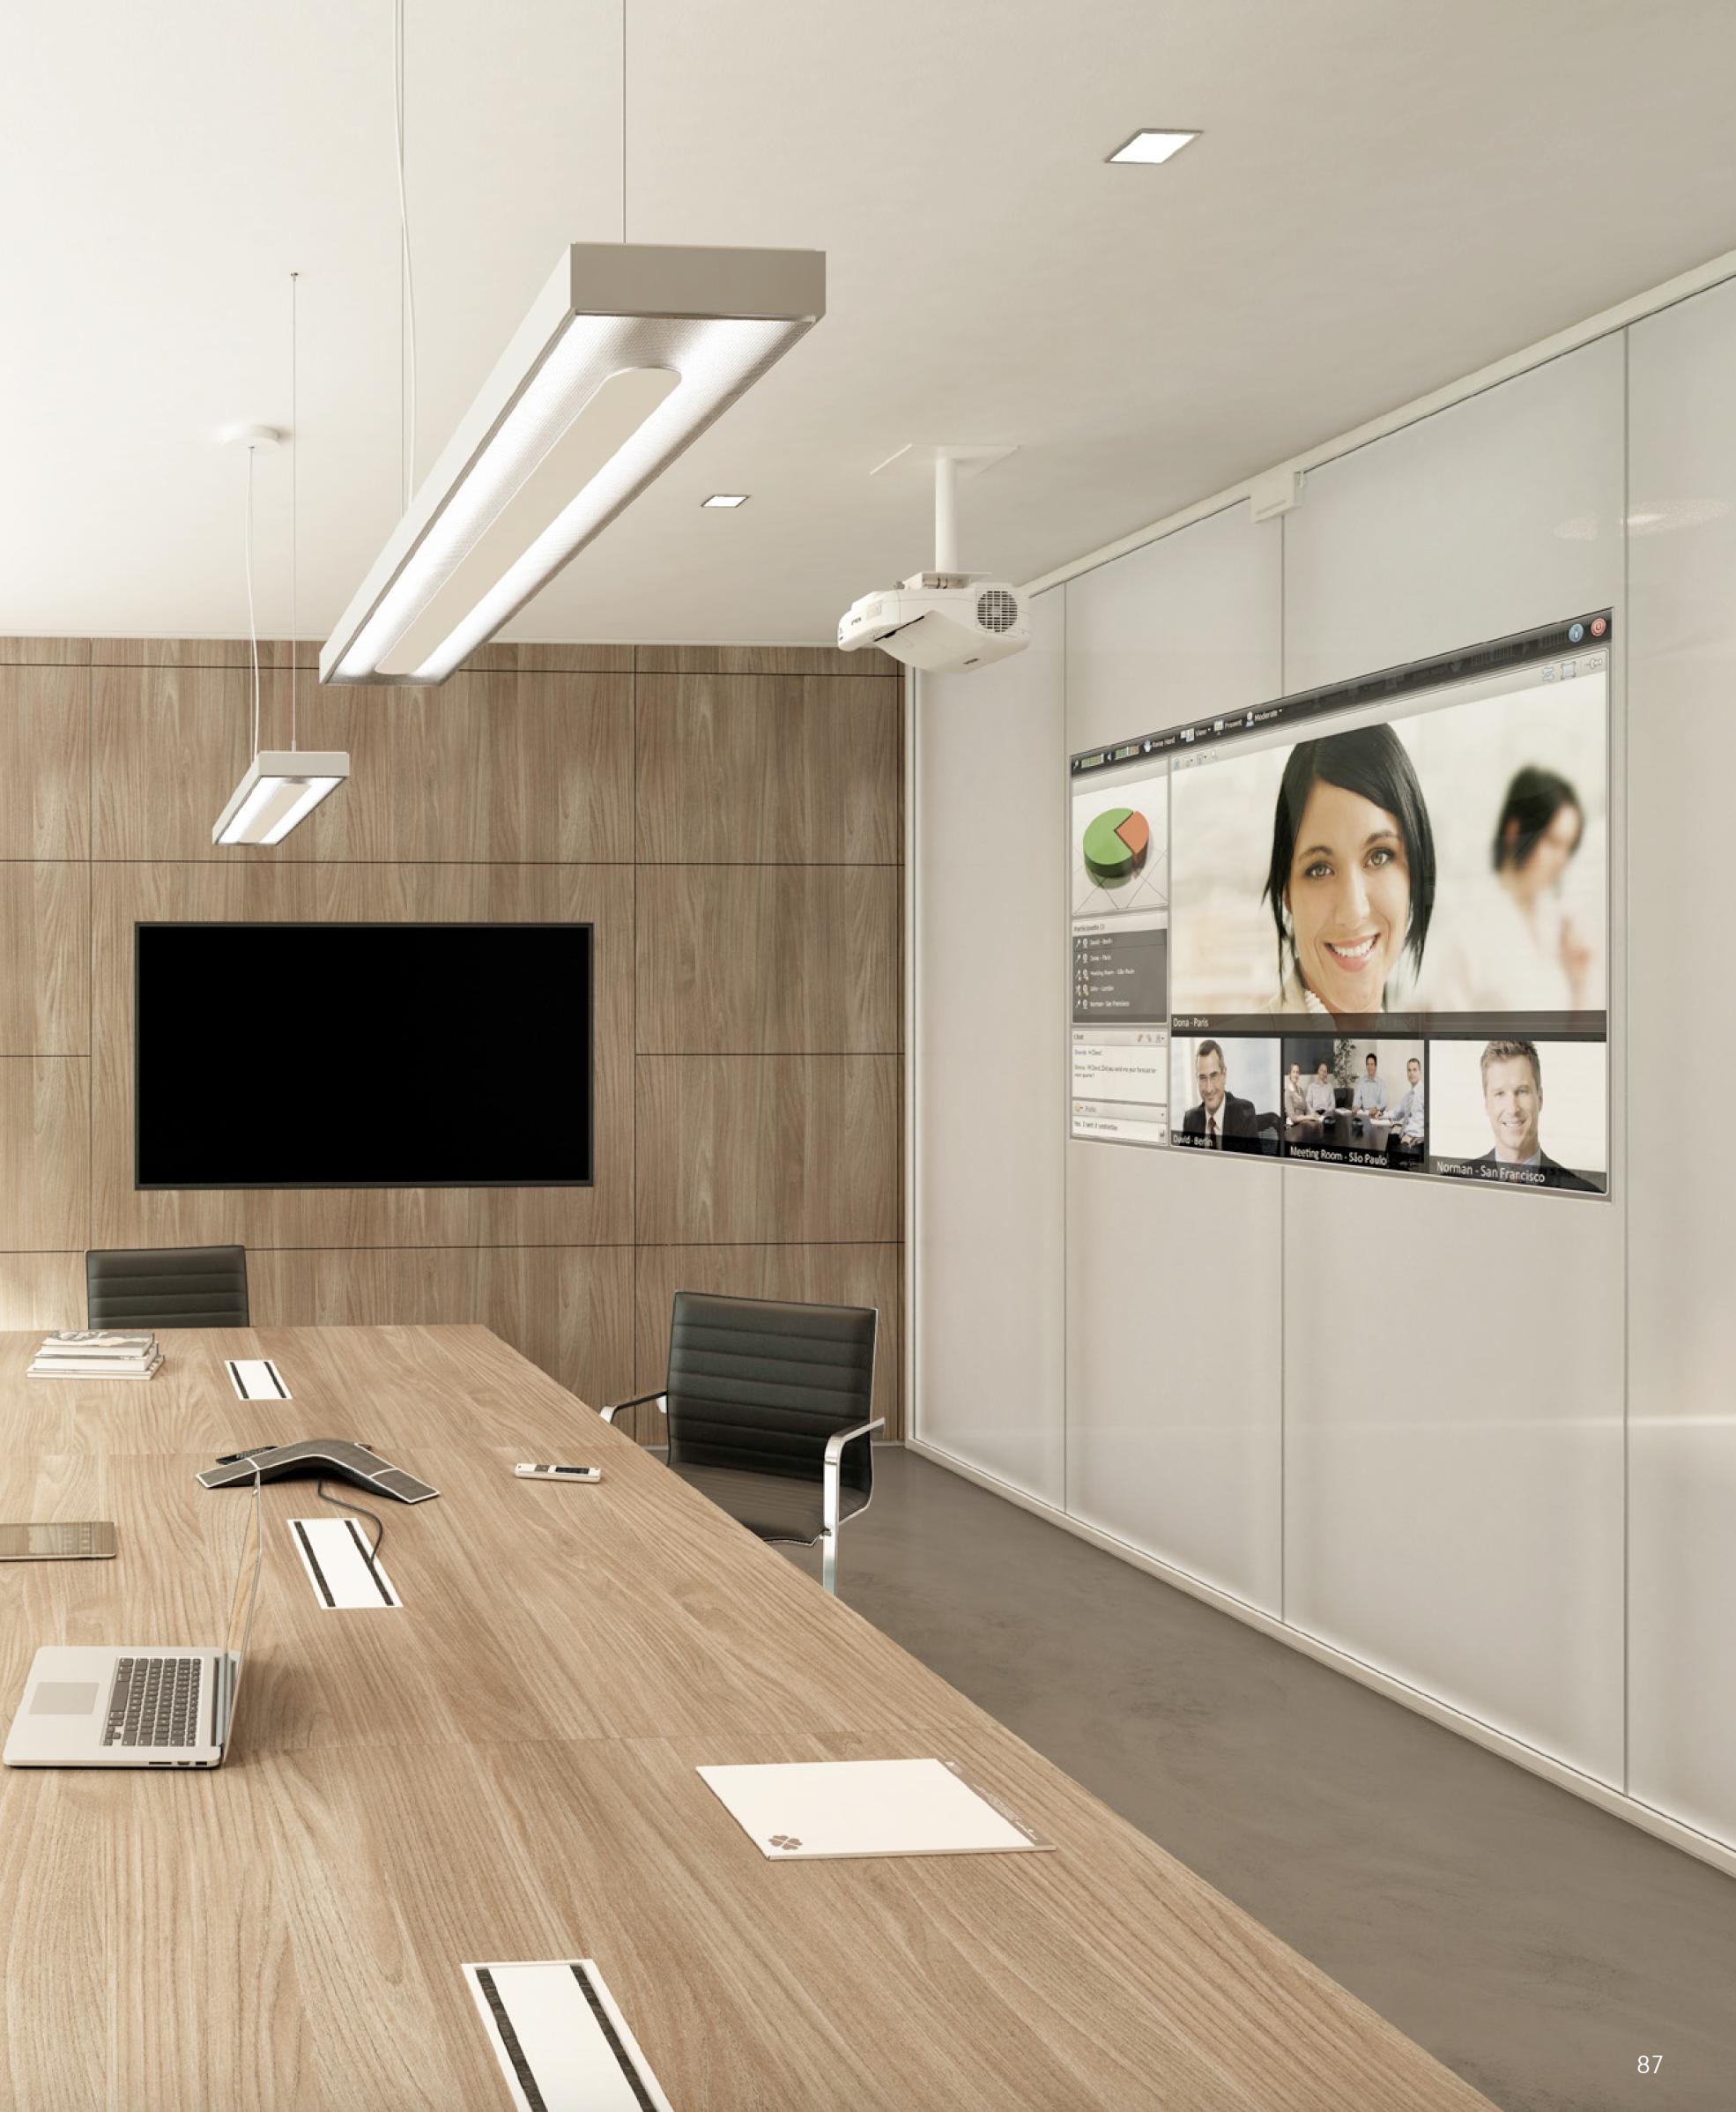 Quadrifoglio Office System